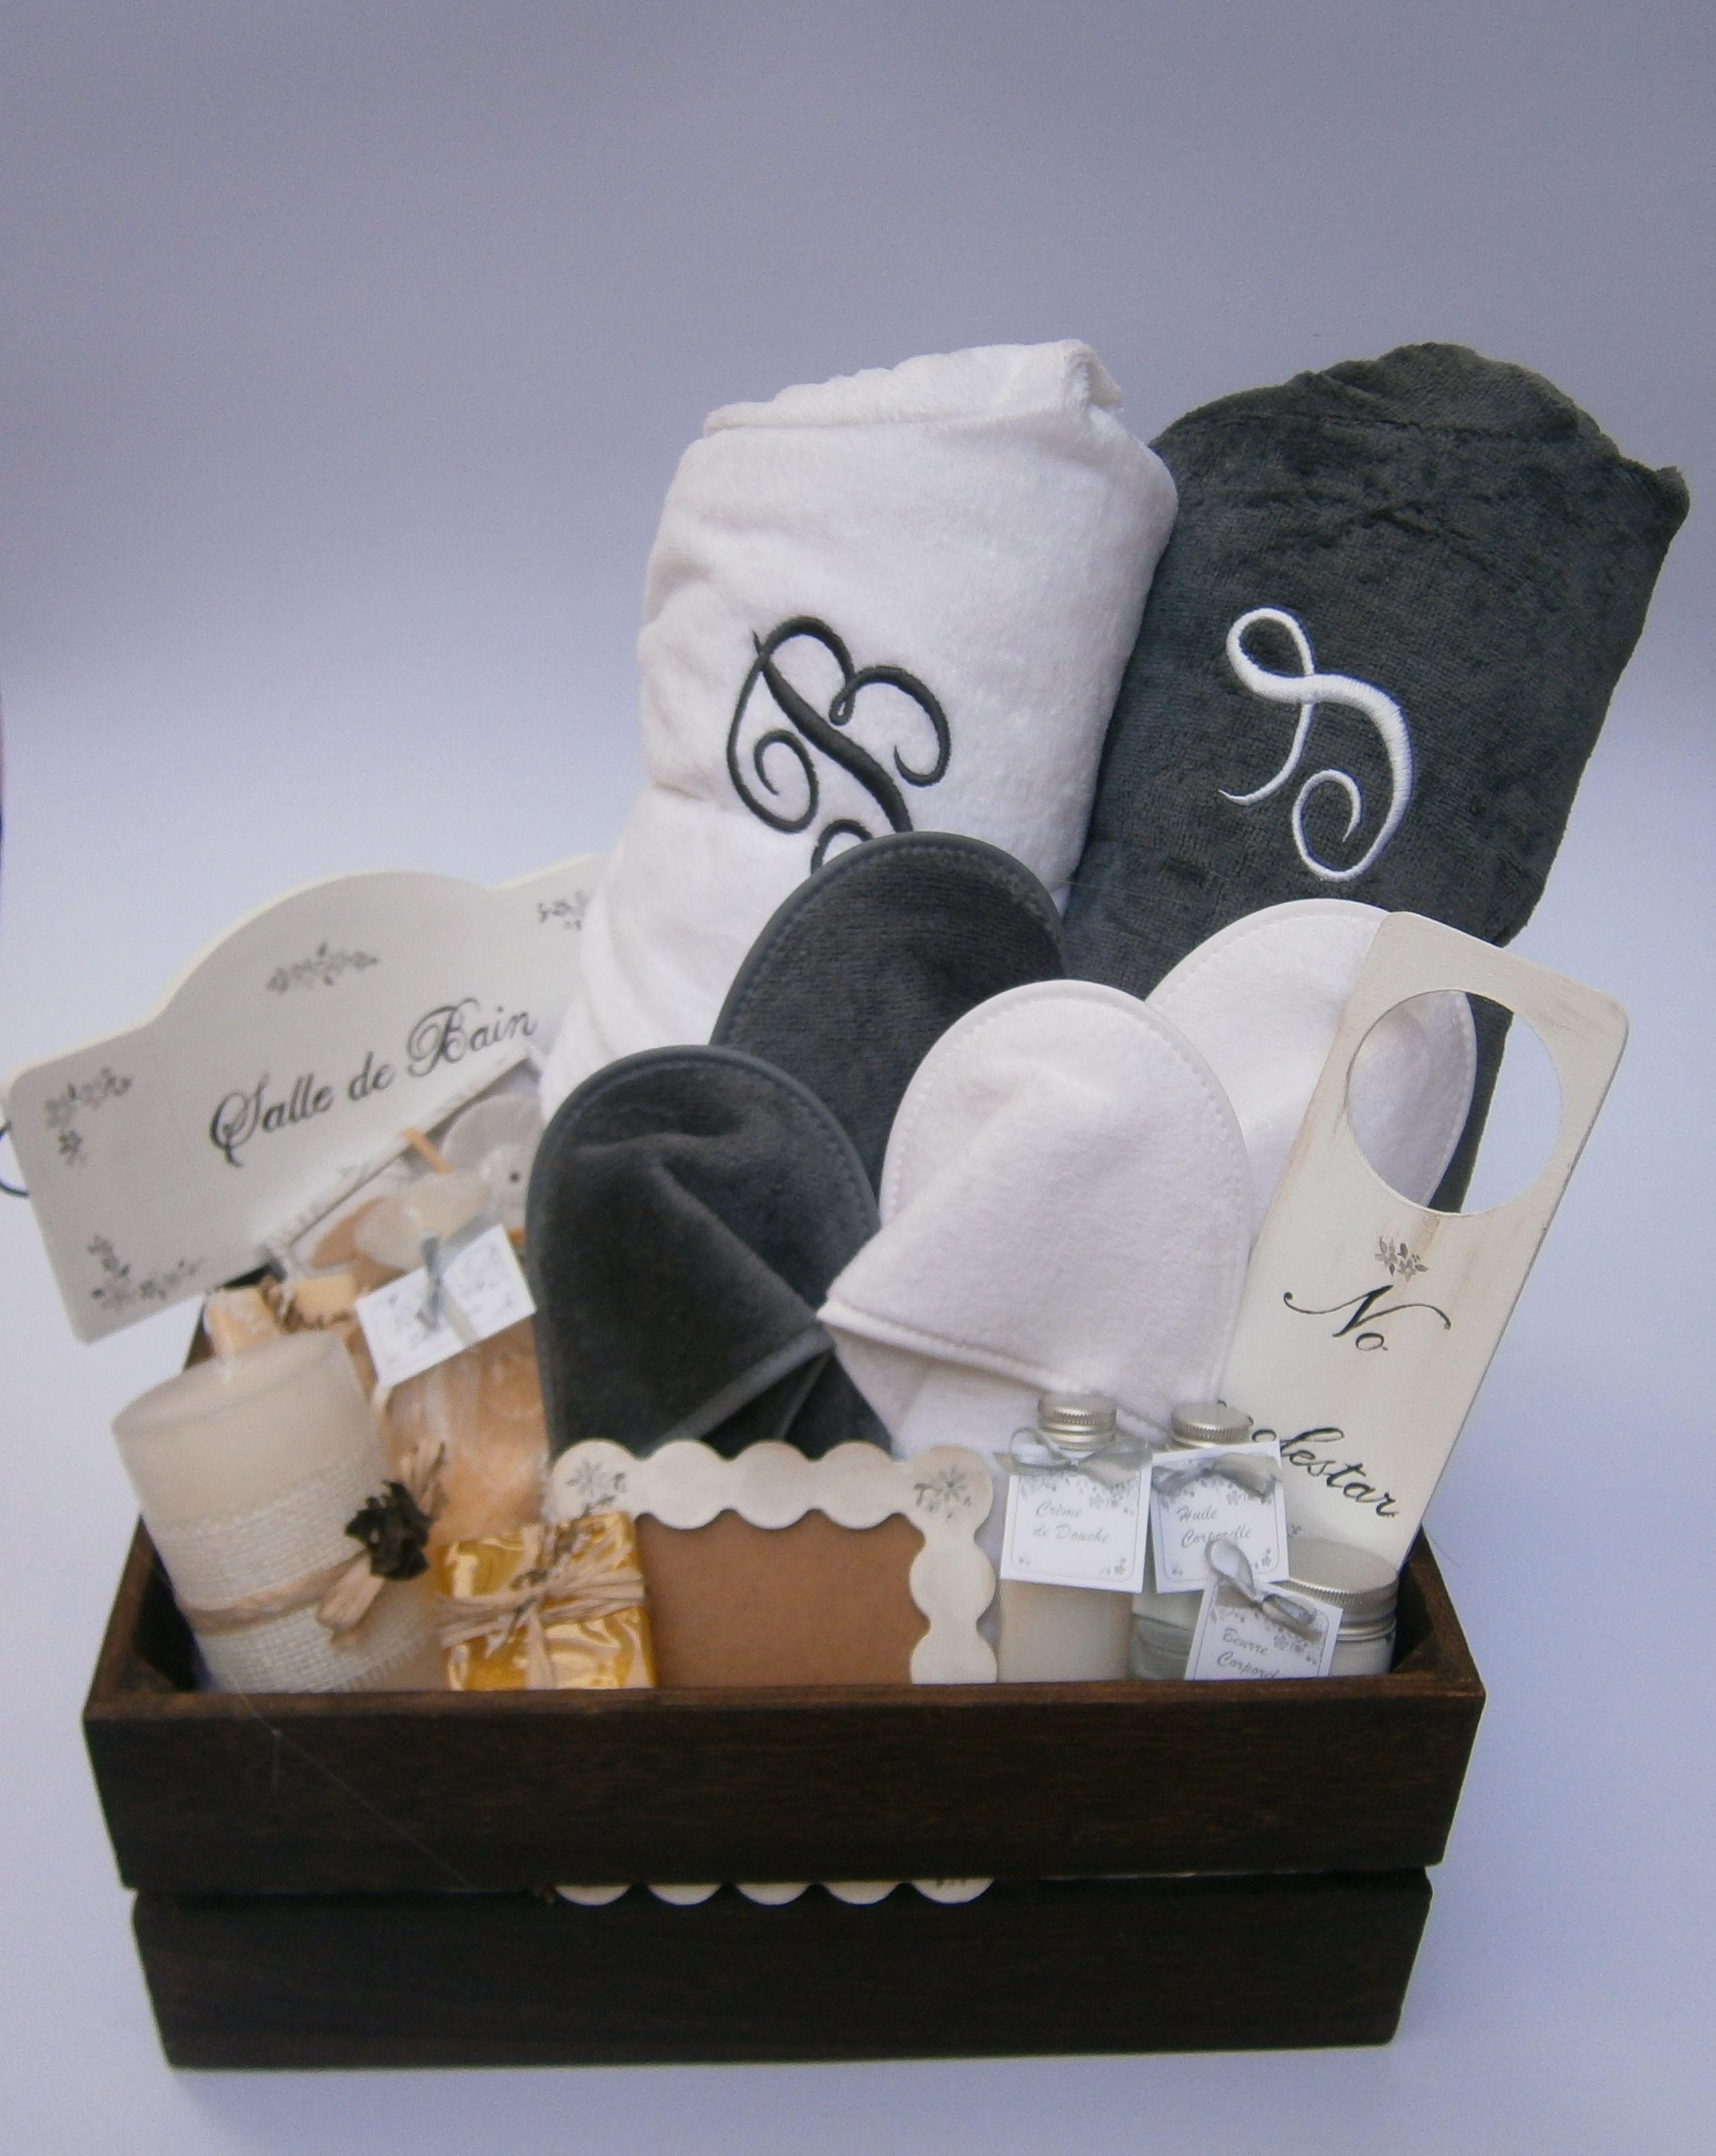 Cesta spa para reci n casados con zapatillas y albornoces - Sorpresas para recien casados ...